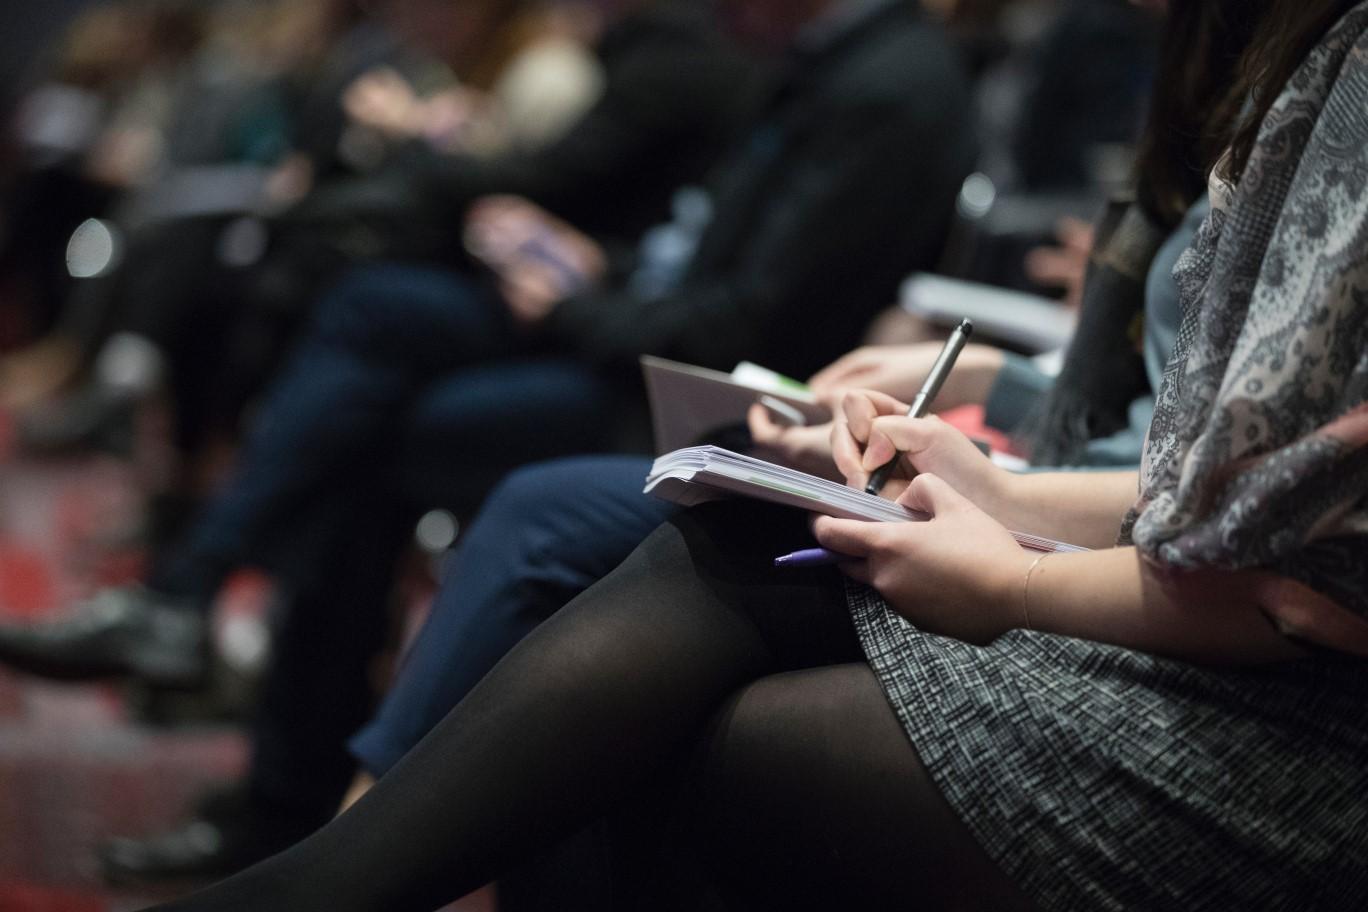 Zaproszenie na Ogólnopolską Konferencję Systemu Akredytacji Ośrodków Wsparcia Ekonomii Społecznej: 27 czerwca 2019 r. w Warszawie